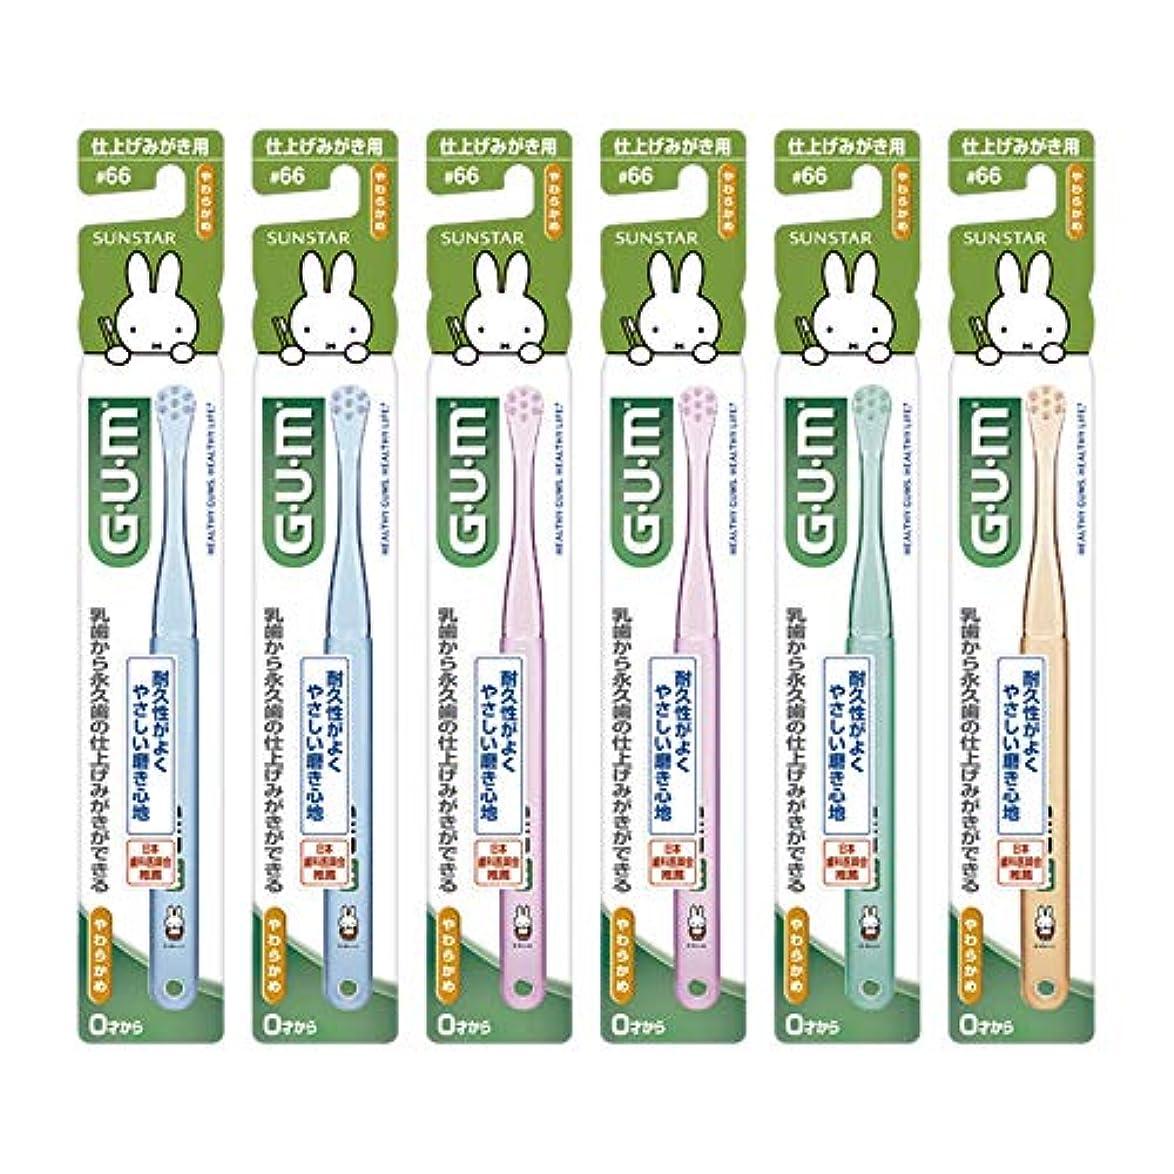 月曜日八百屋複合GUM(ガム) デンタル こども 歯ブラシ #66 [仕上げみがき用/やわらかめ] 6本パック+ おまけつき【Amazon.co.jp限定】